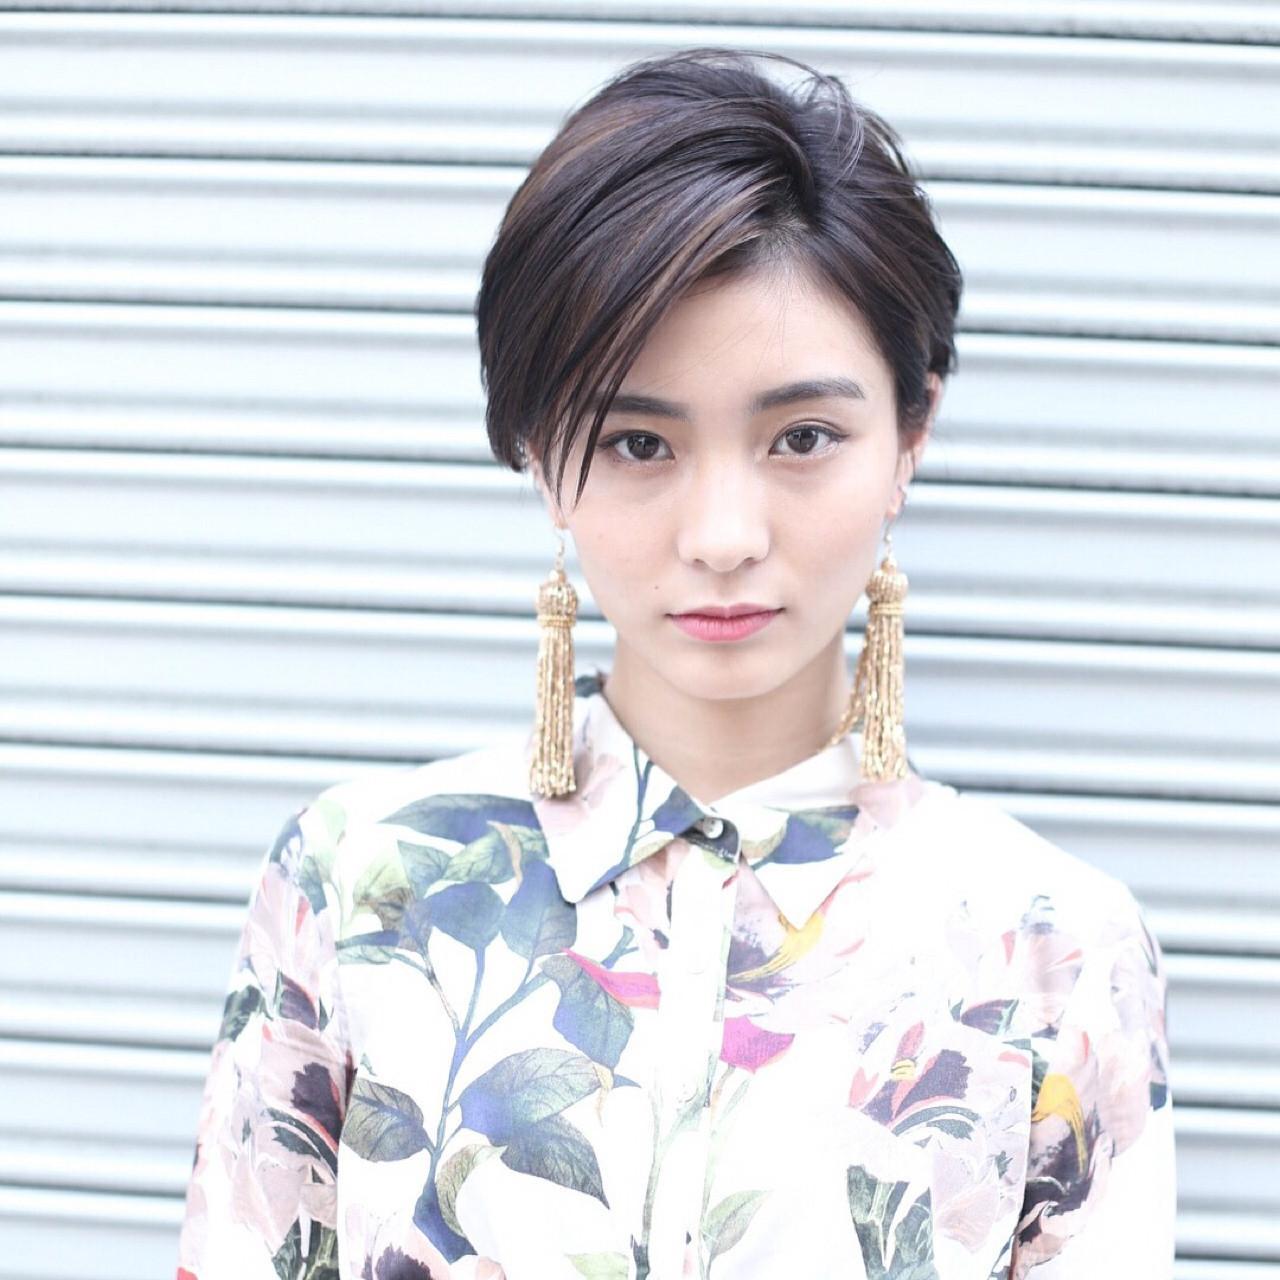 斜め前髪でつくるクールな刈上げショート Rika Fuchigami